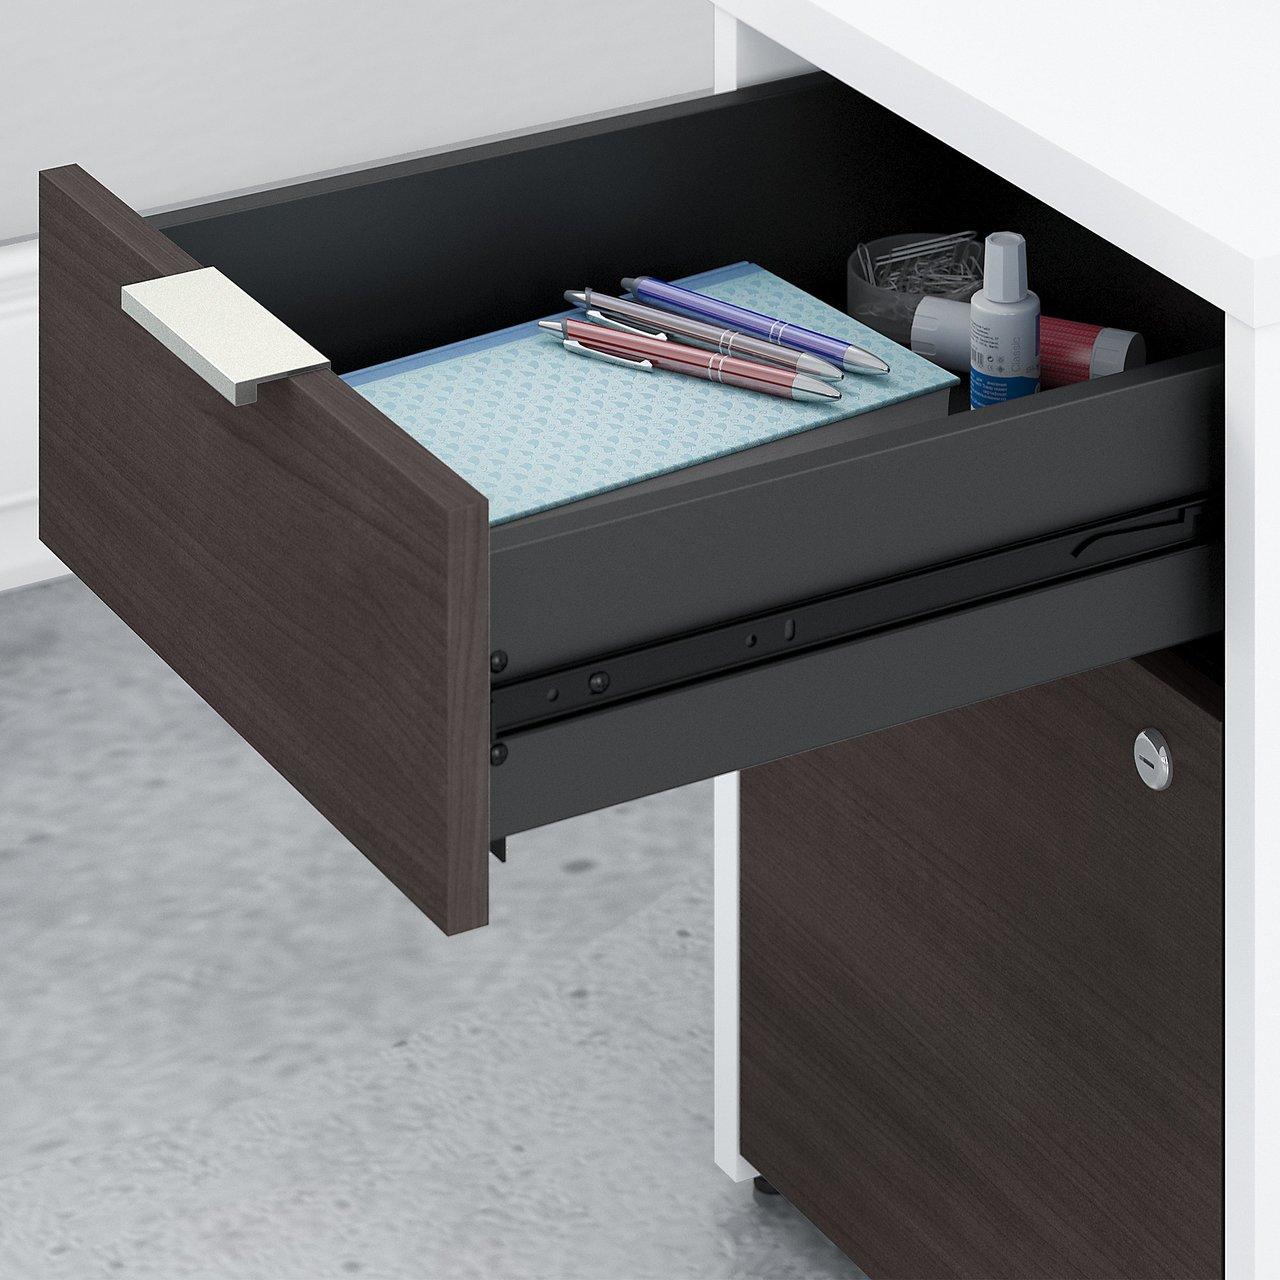 jamestown pedestal storage drawer